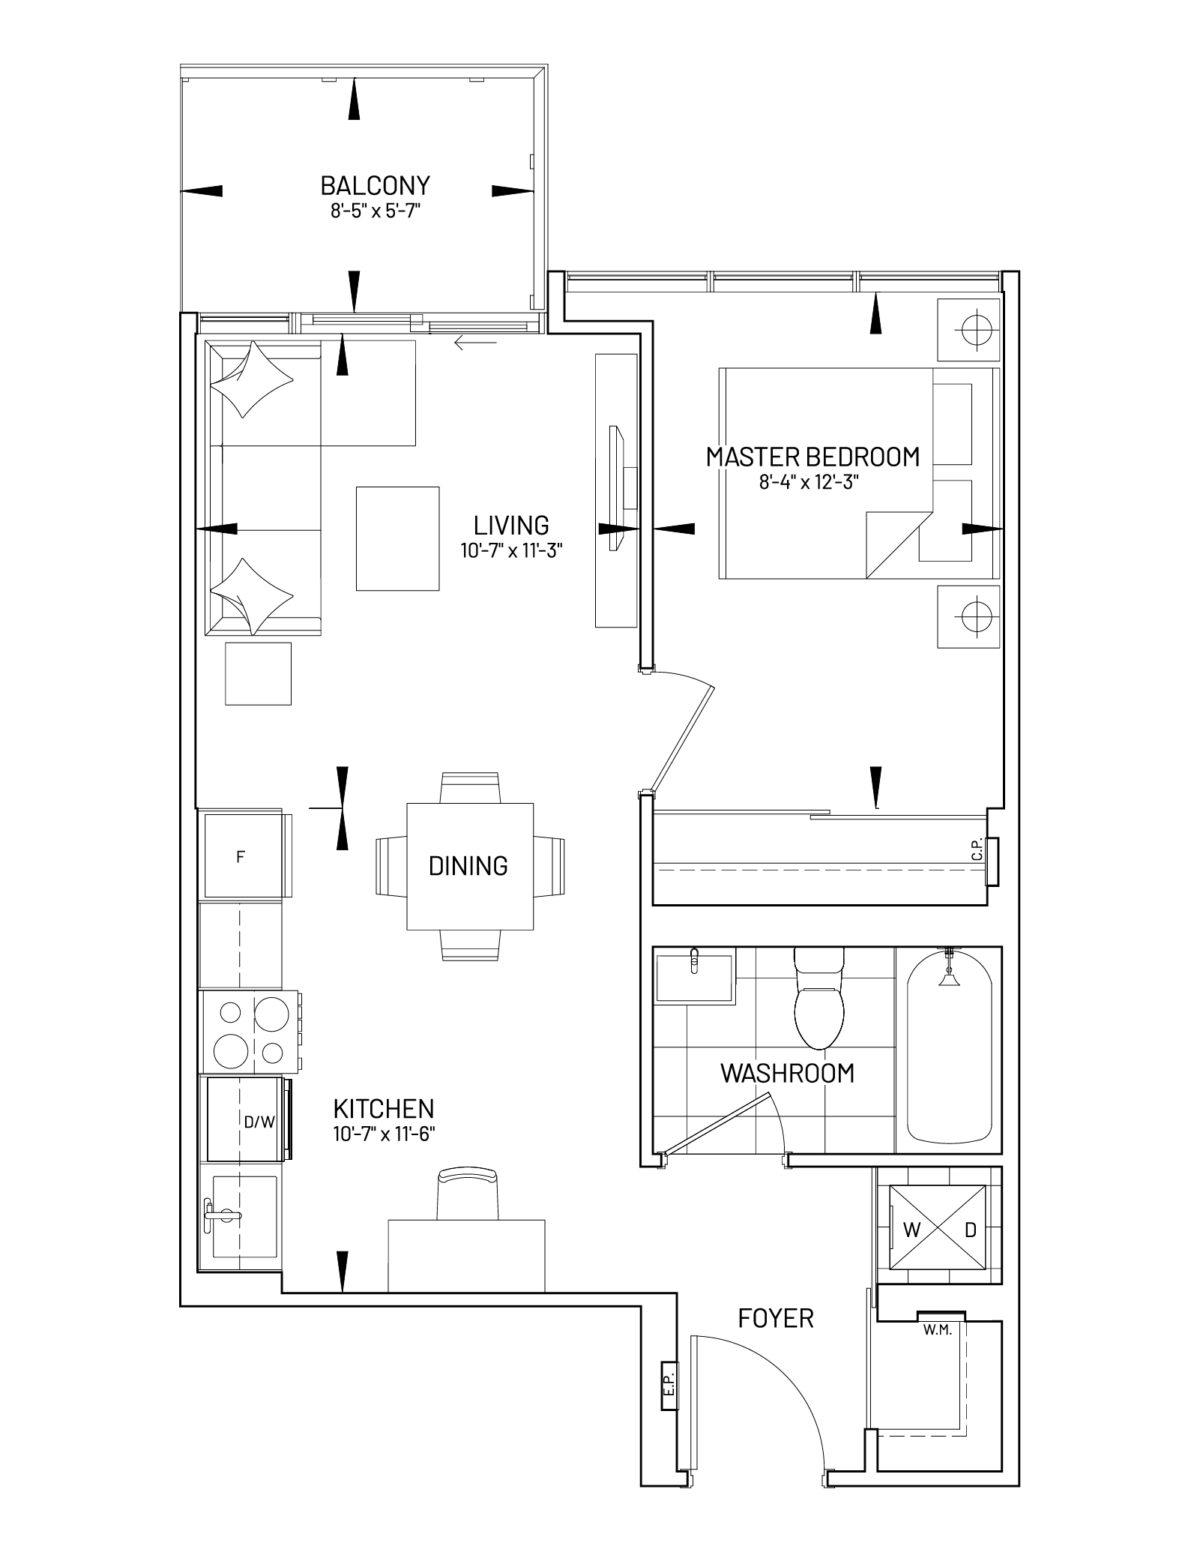 Suite 1-K Floor Plan